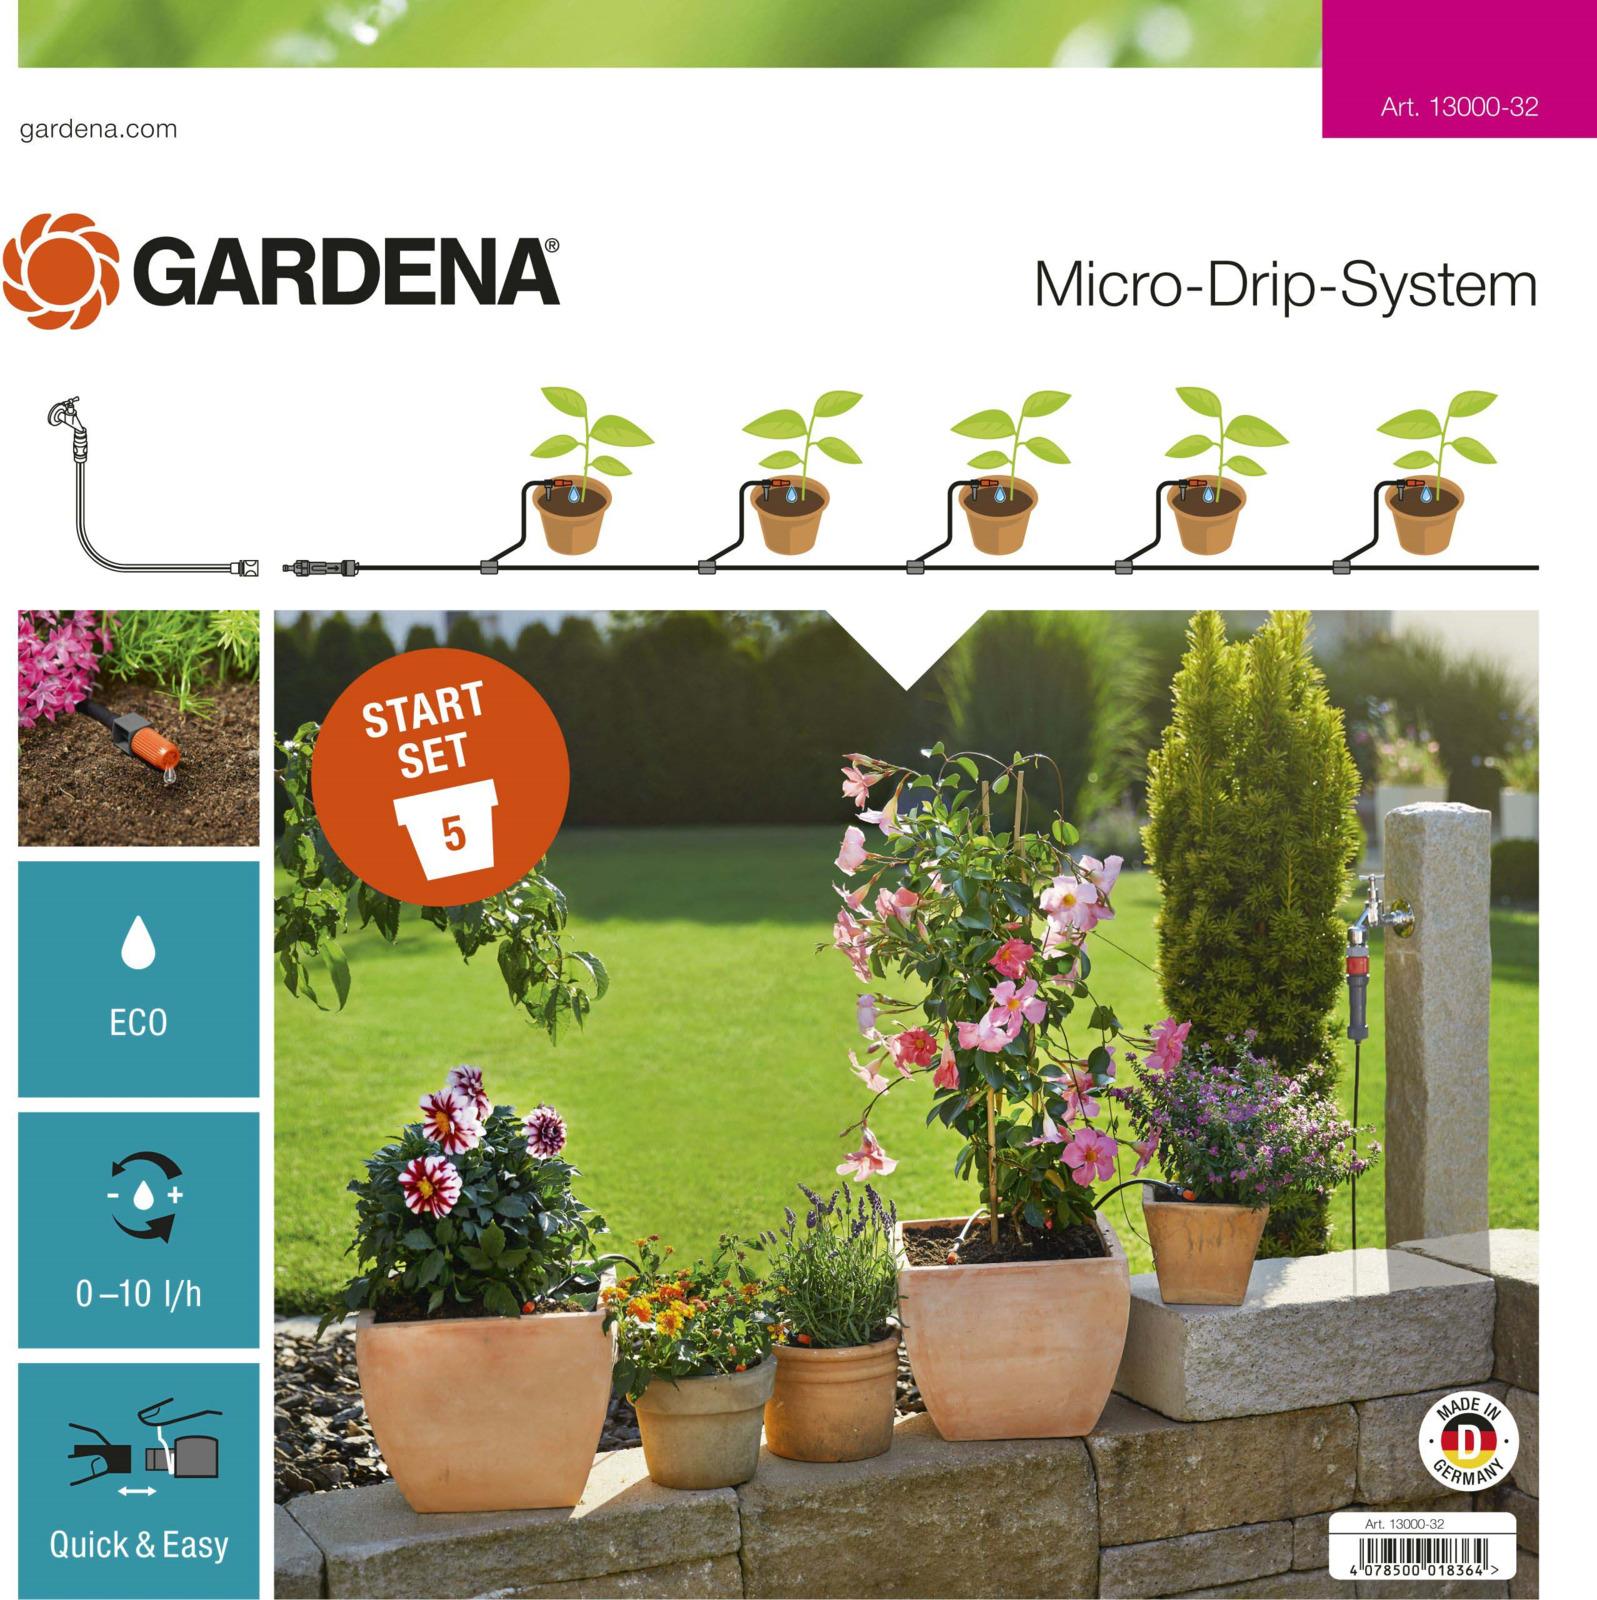 цена на Комплект для террас Gardena, 13000-34.000.00, базовый, серый, оранжевый, черный